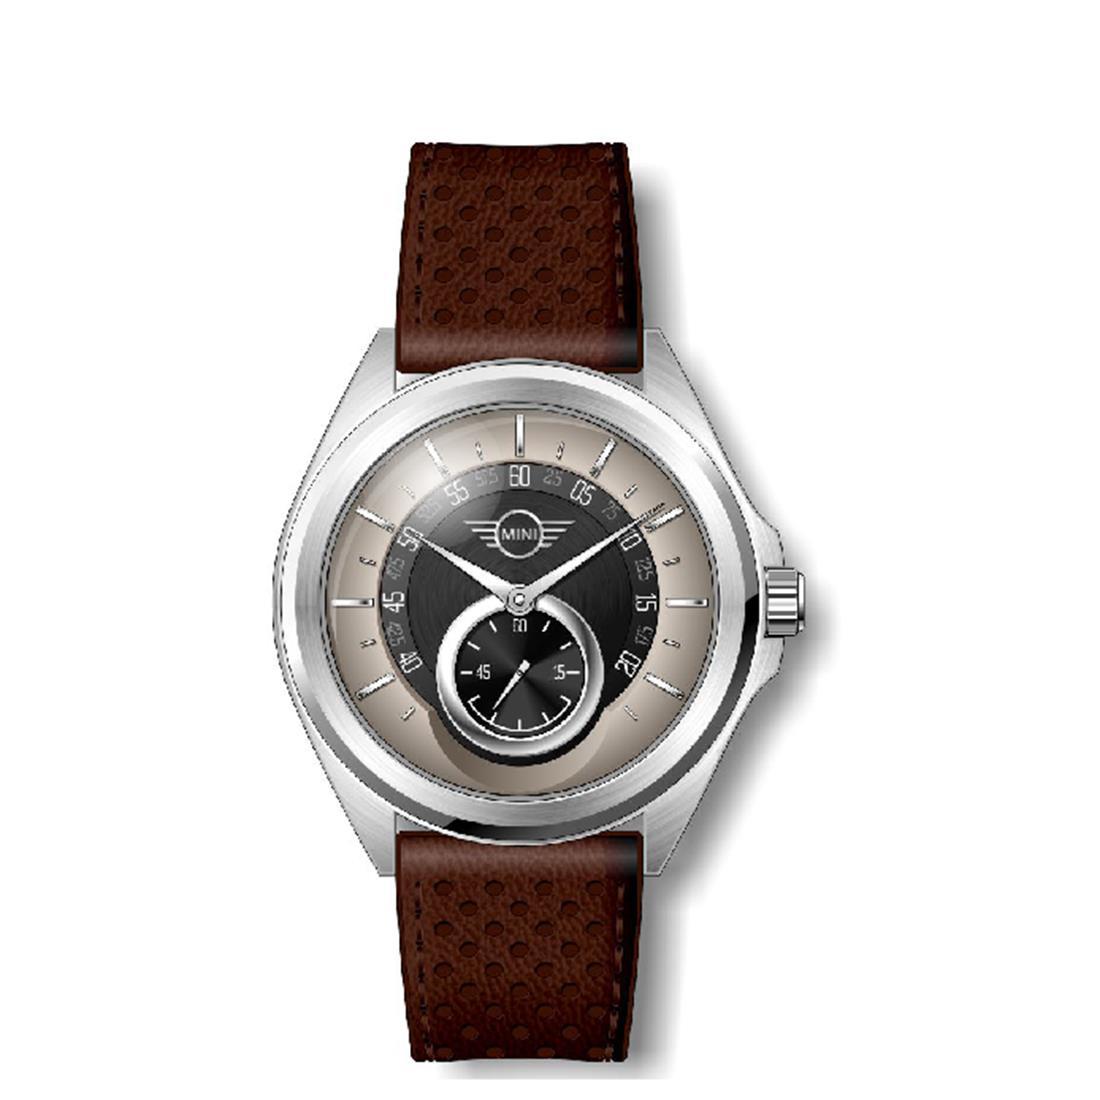 Orologio da uomo con cassa in acciaio inossidabile di diametro 44 mm - MINI